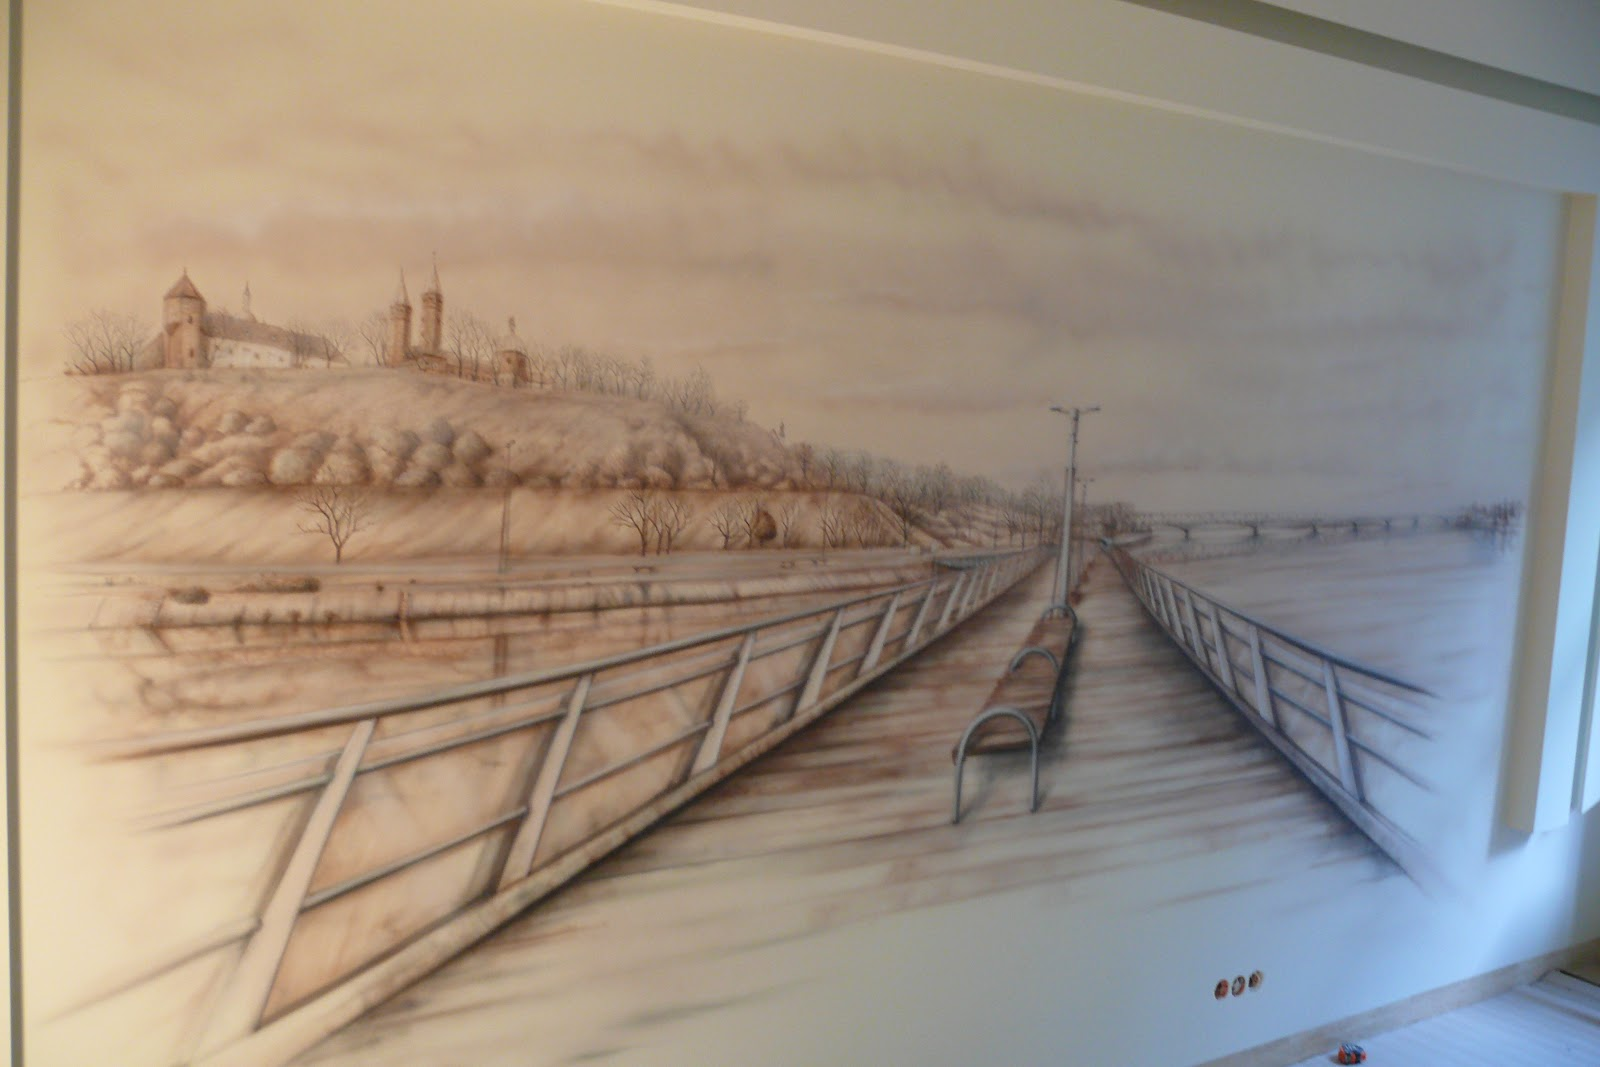 Aranzacja ściany poprzez namalowanie obrazu przedstawiającego panoramę miasta Płock